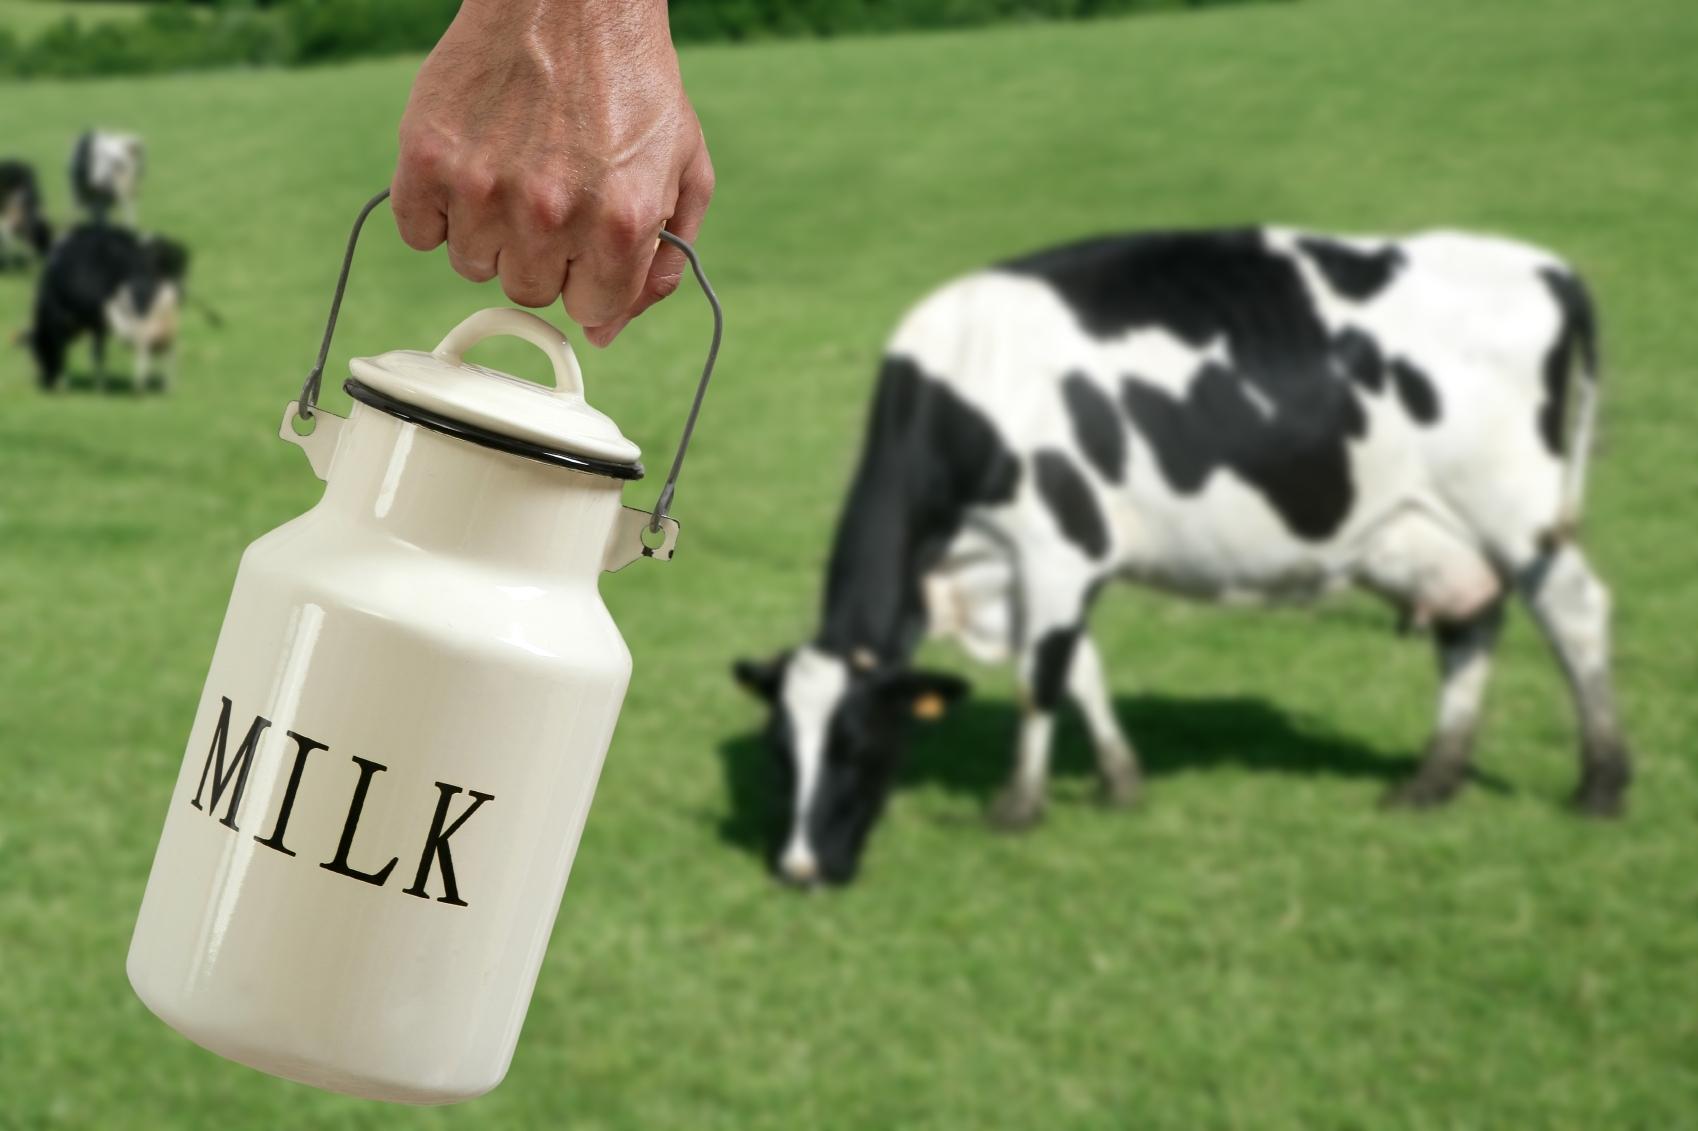 Cows_milk.jpg